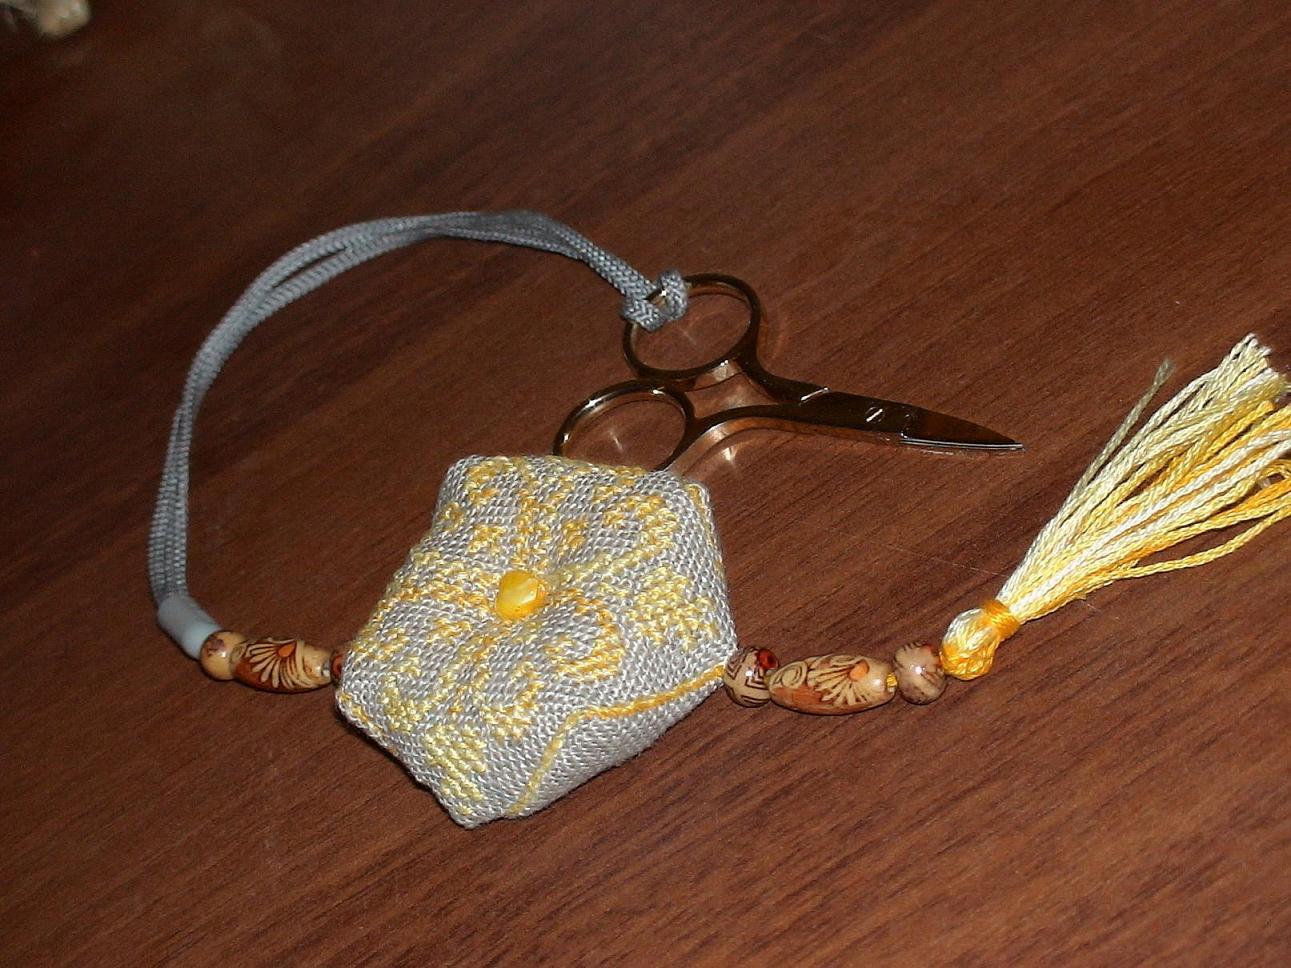 Бискорнюшенка. Игольницы, брелки, подстаканники, закладки и др. сувениры